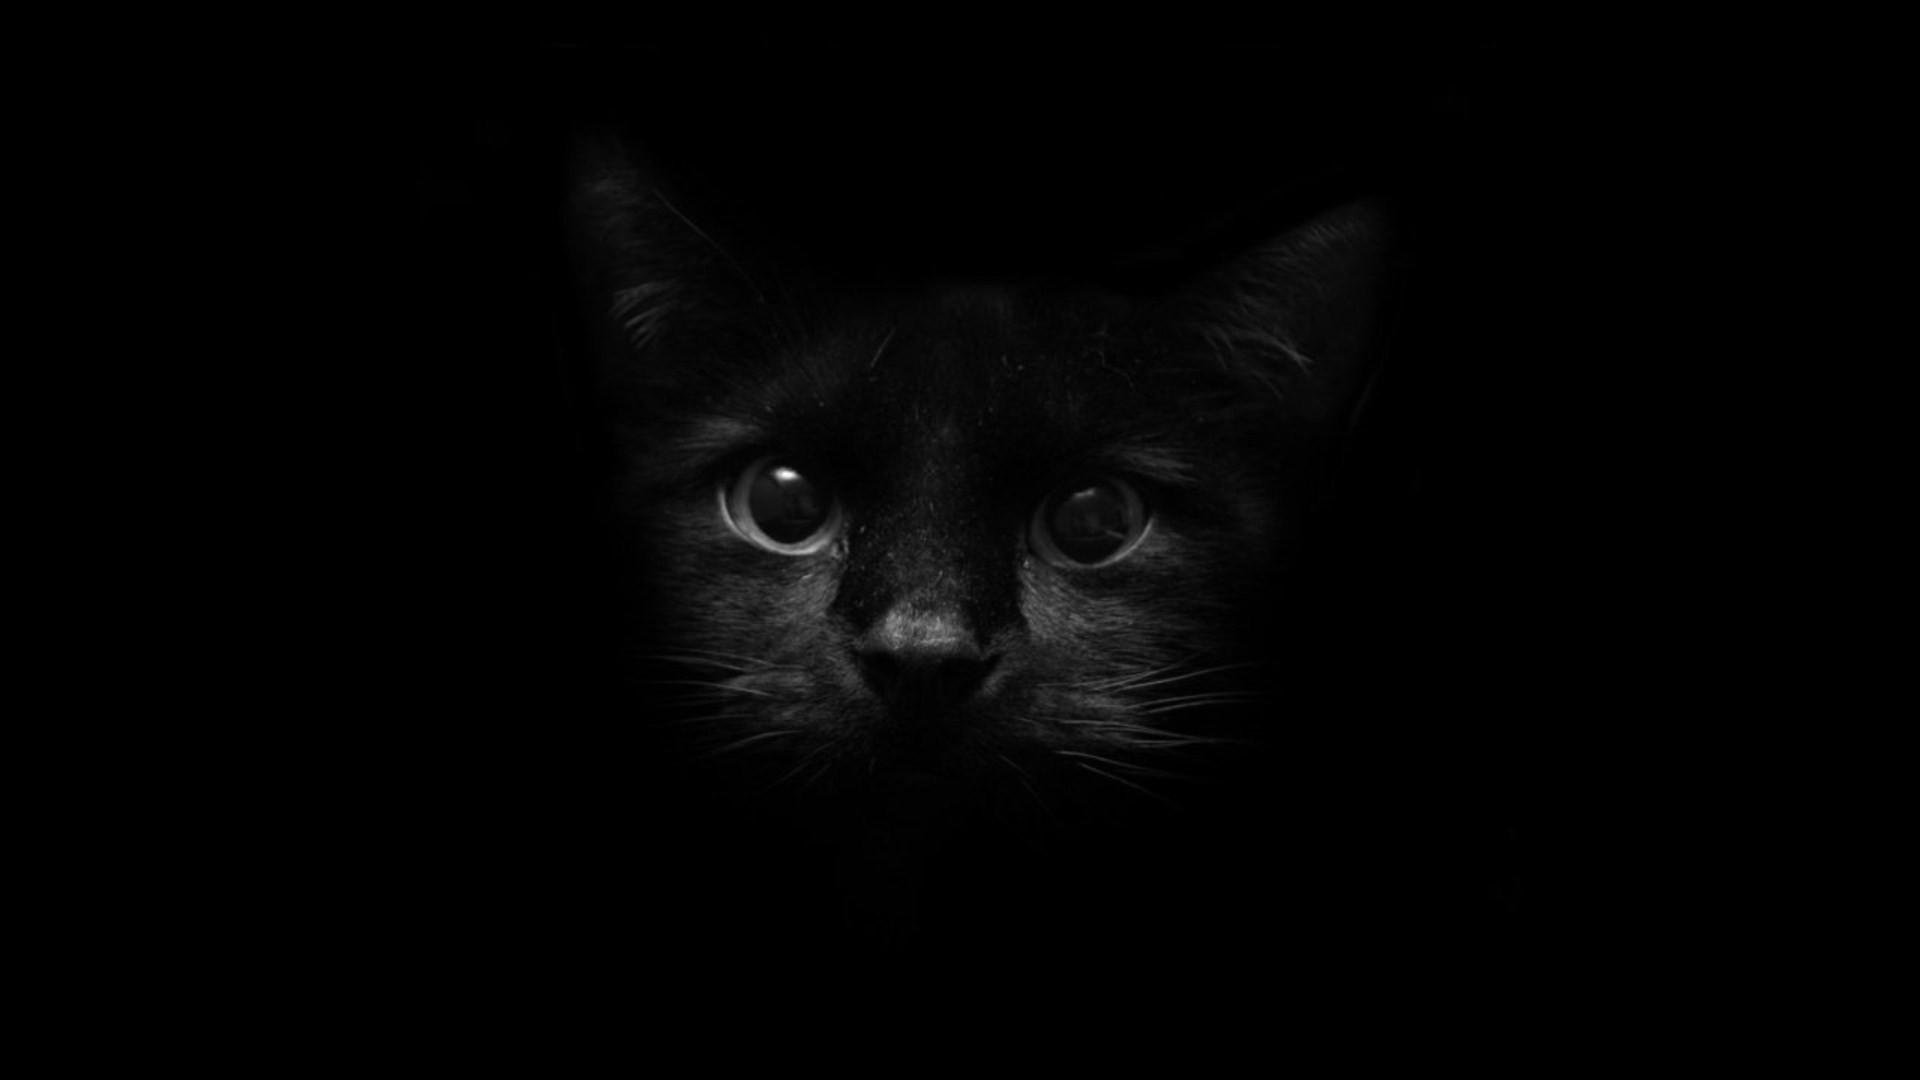 брак кот во тьме картинки было все пьянки